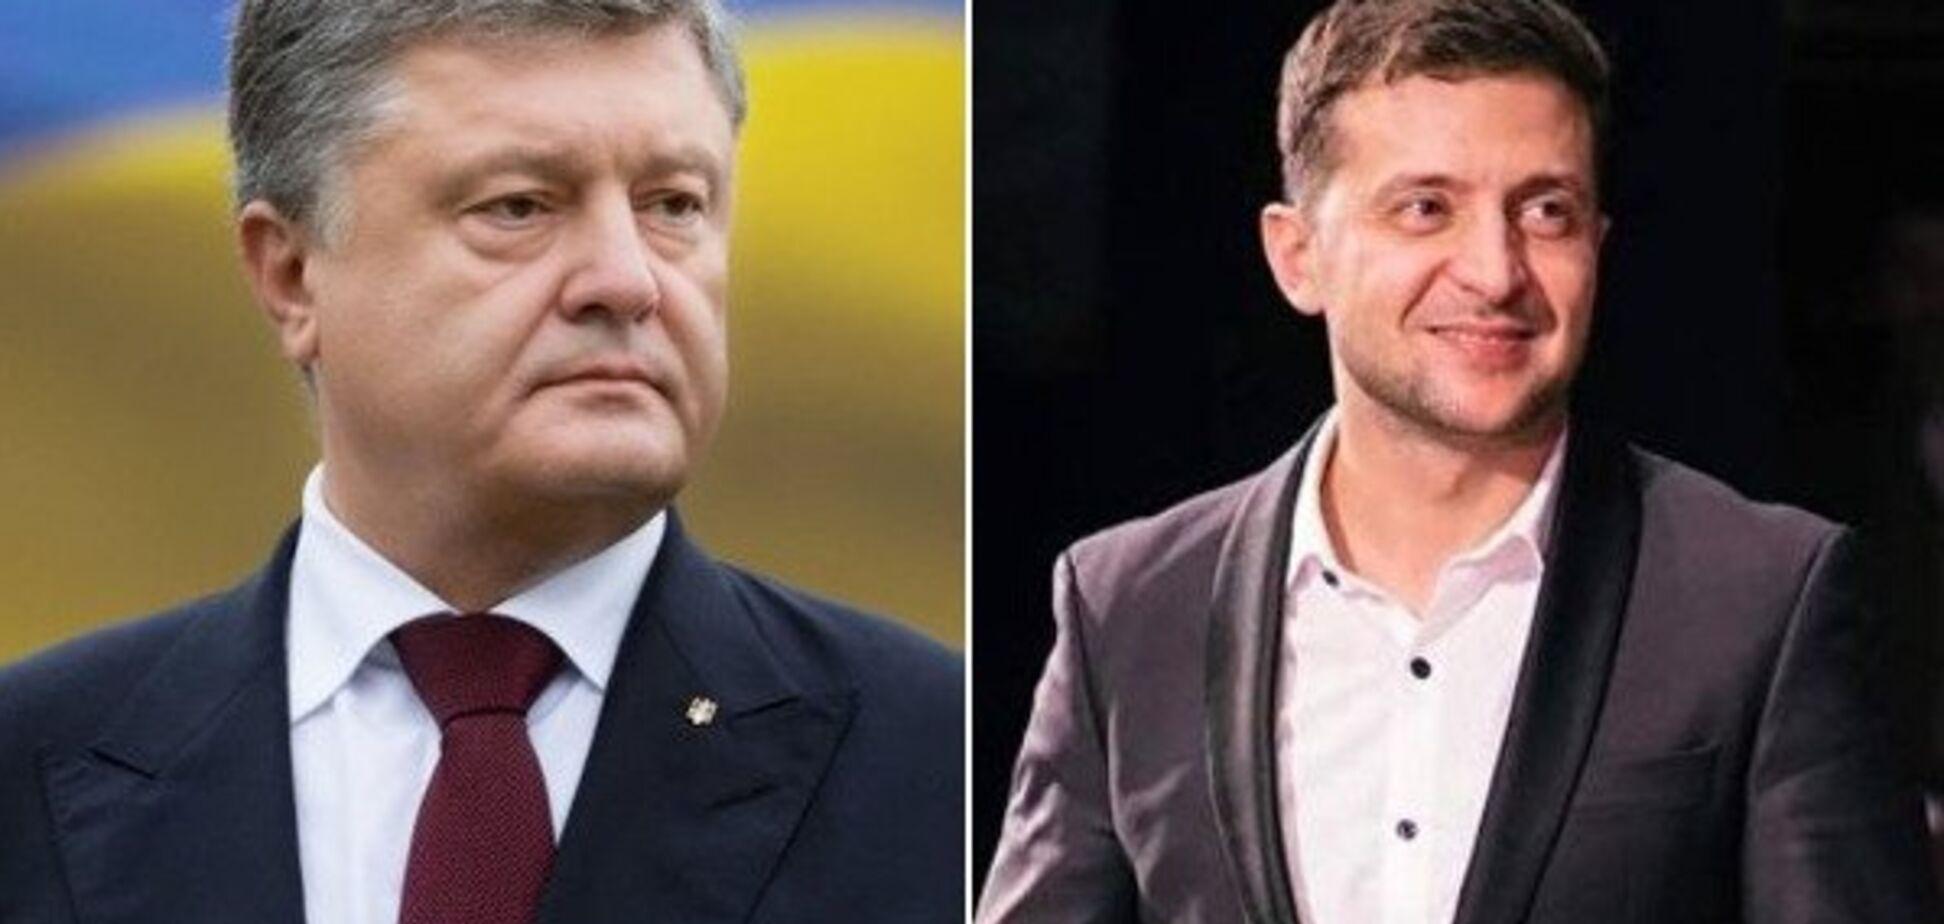 Зеленський обіцяє другий паспорт, а Порошенко — багатство: чого очікувати від кандидатів